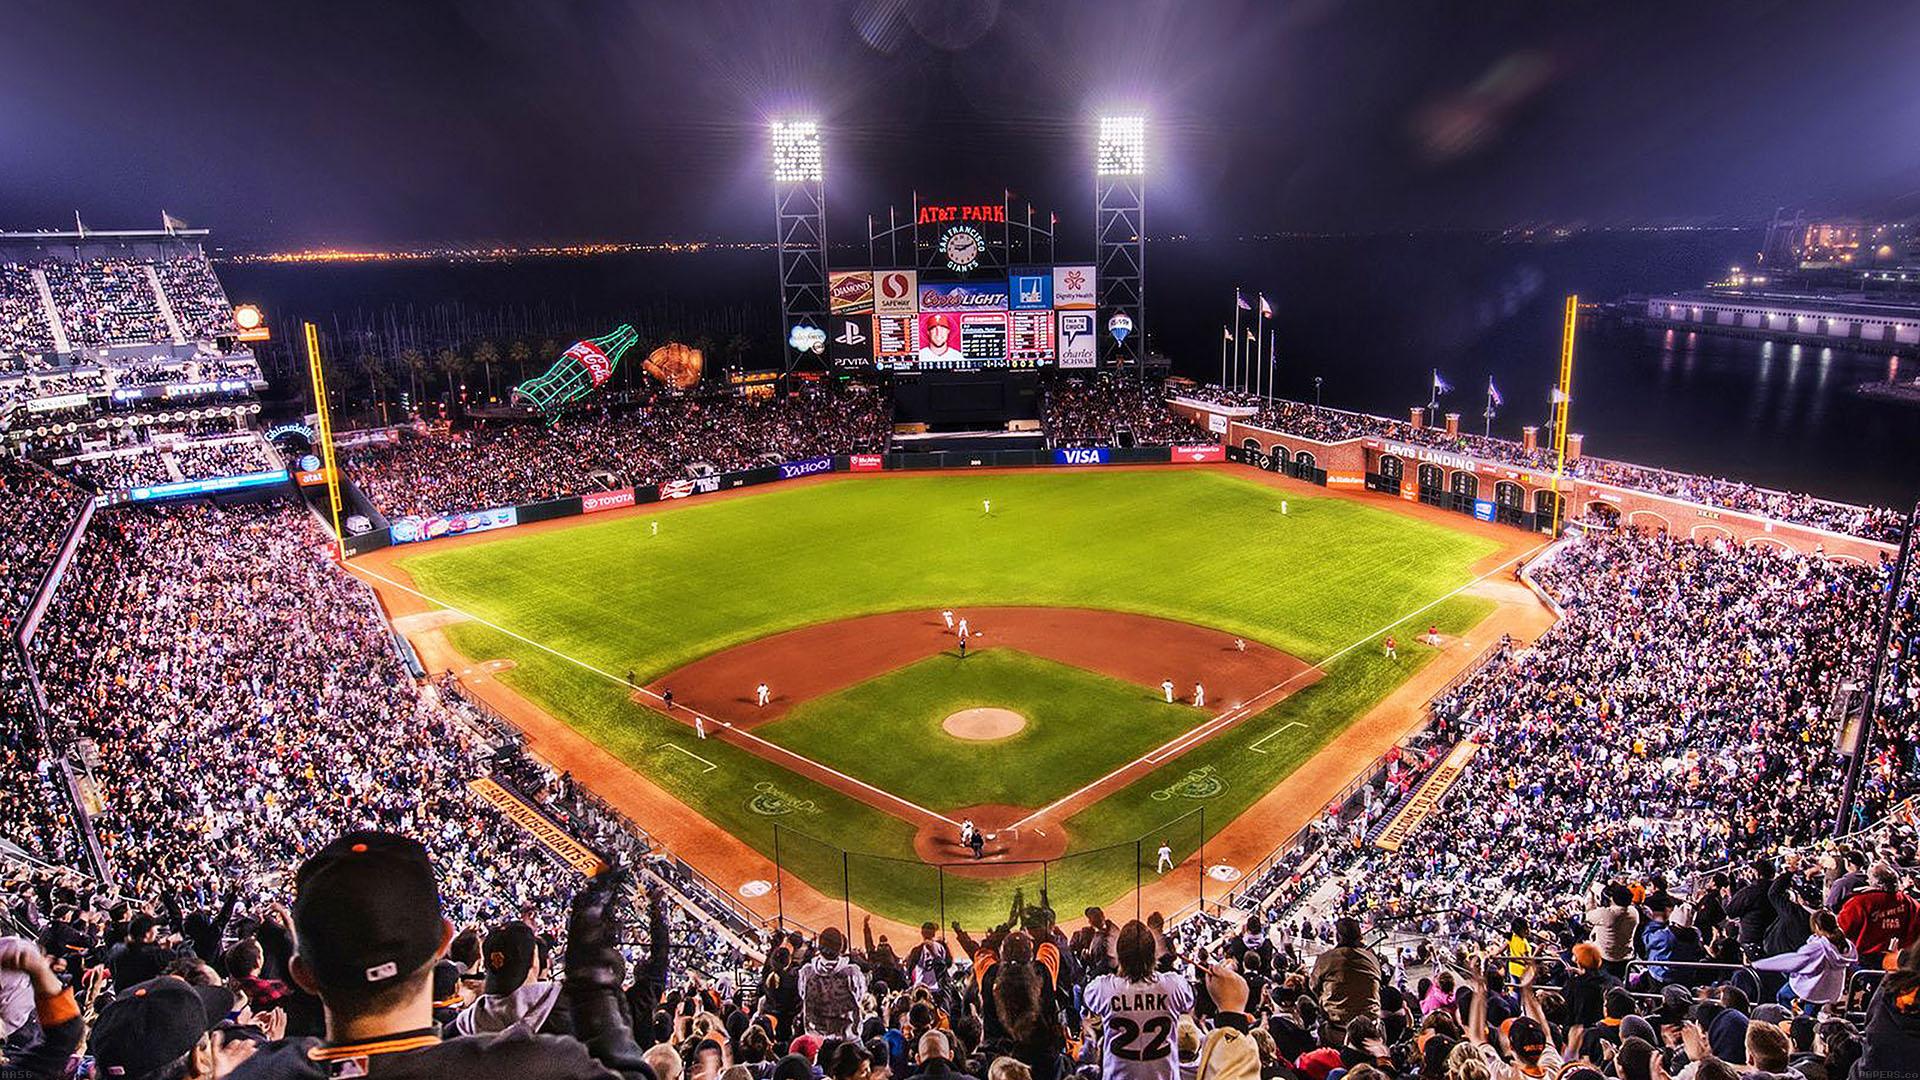 aa57-baseball-stadium-sports-art